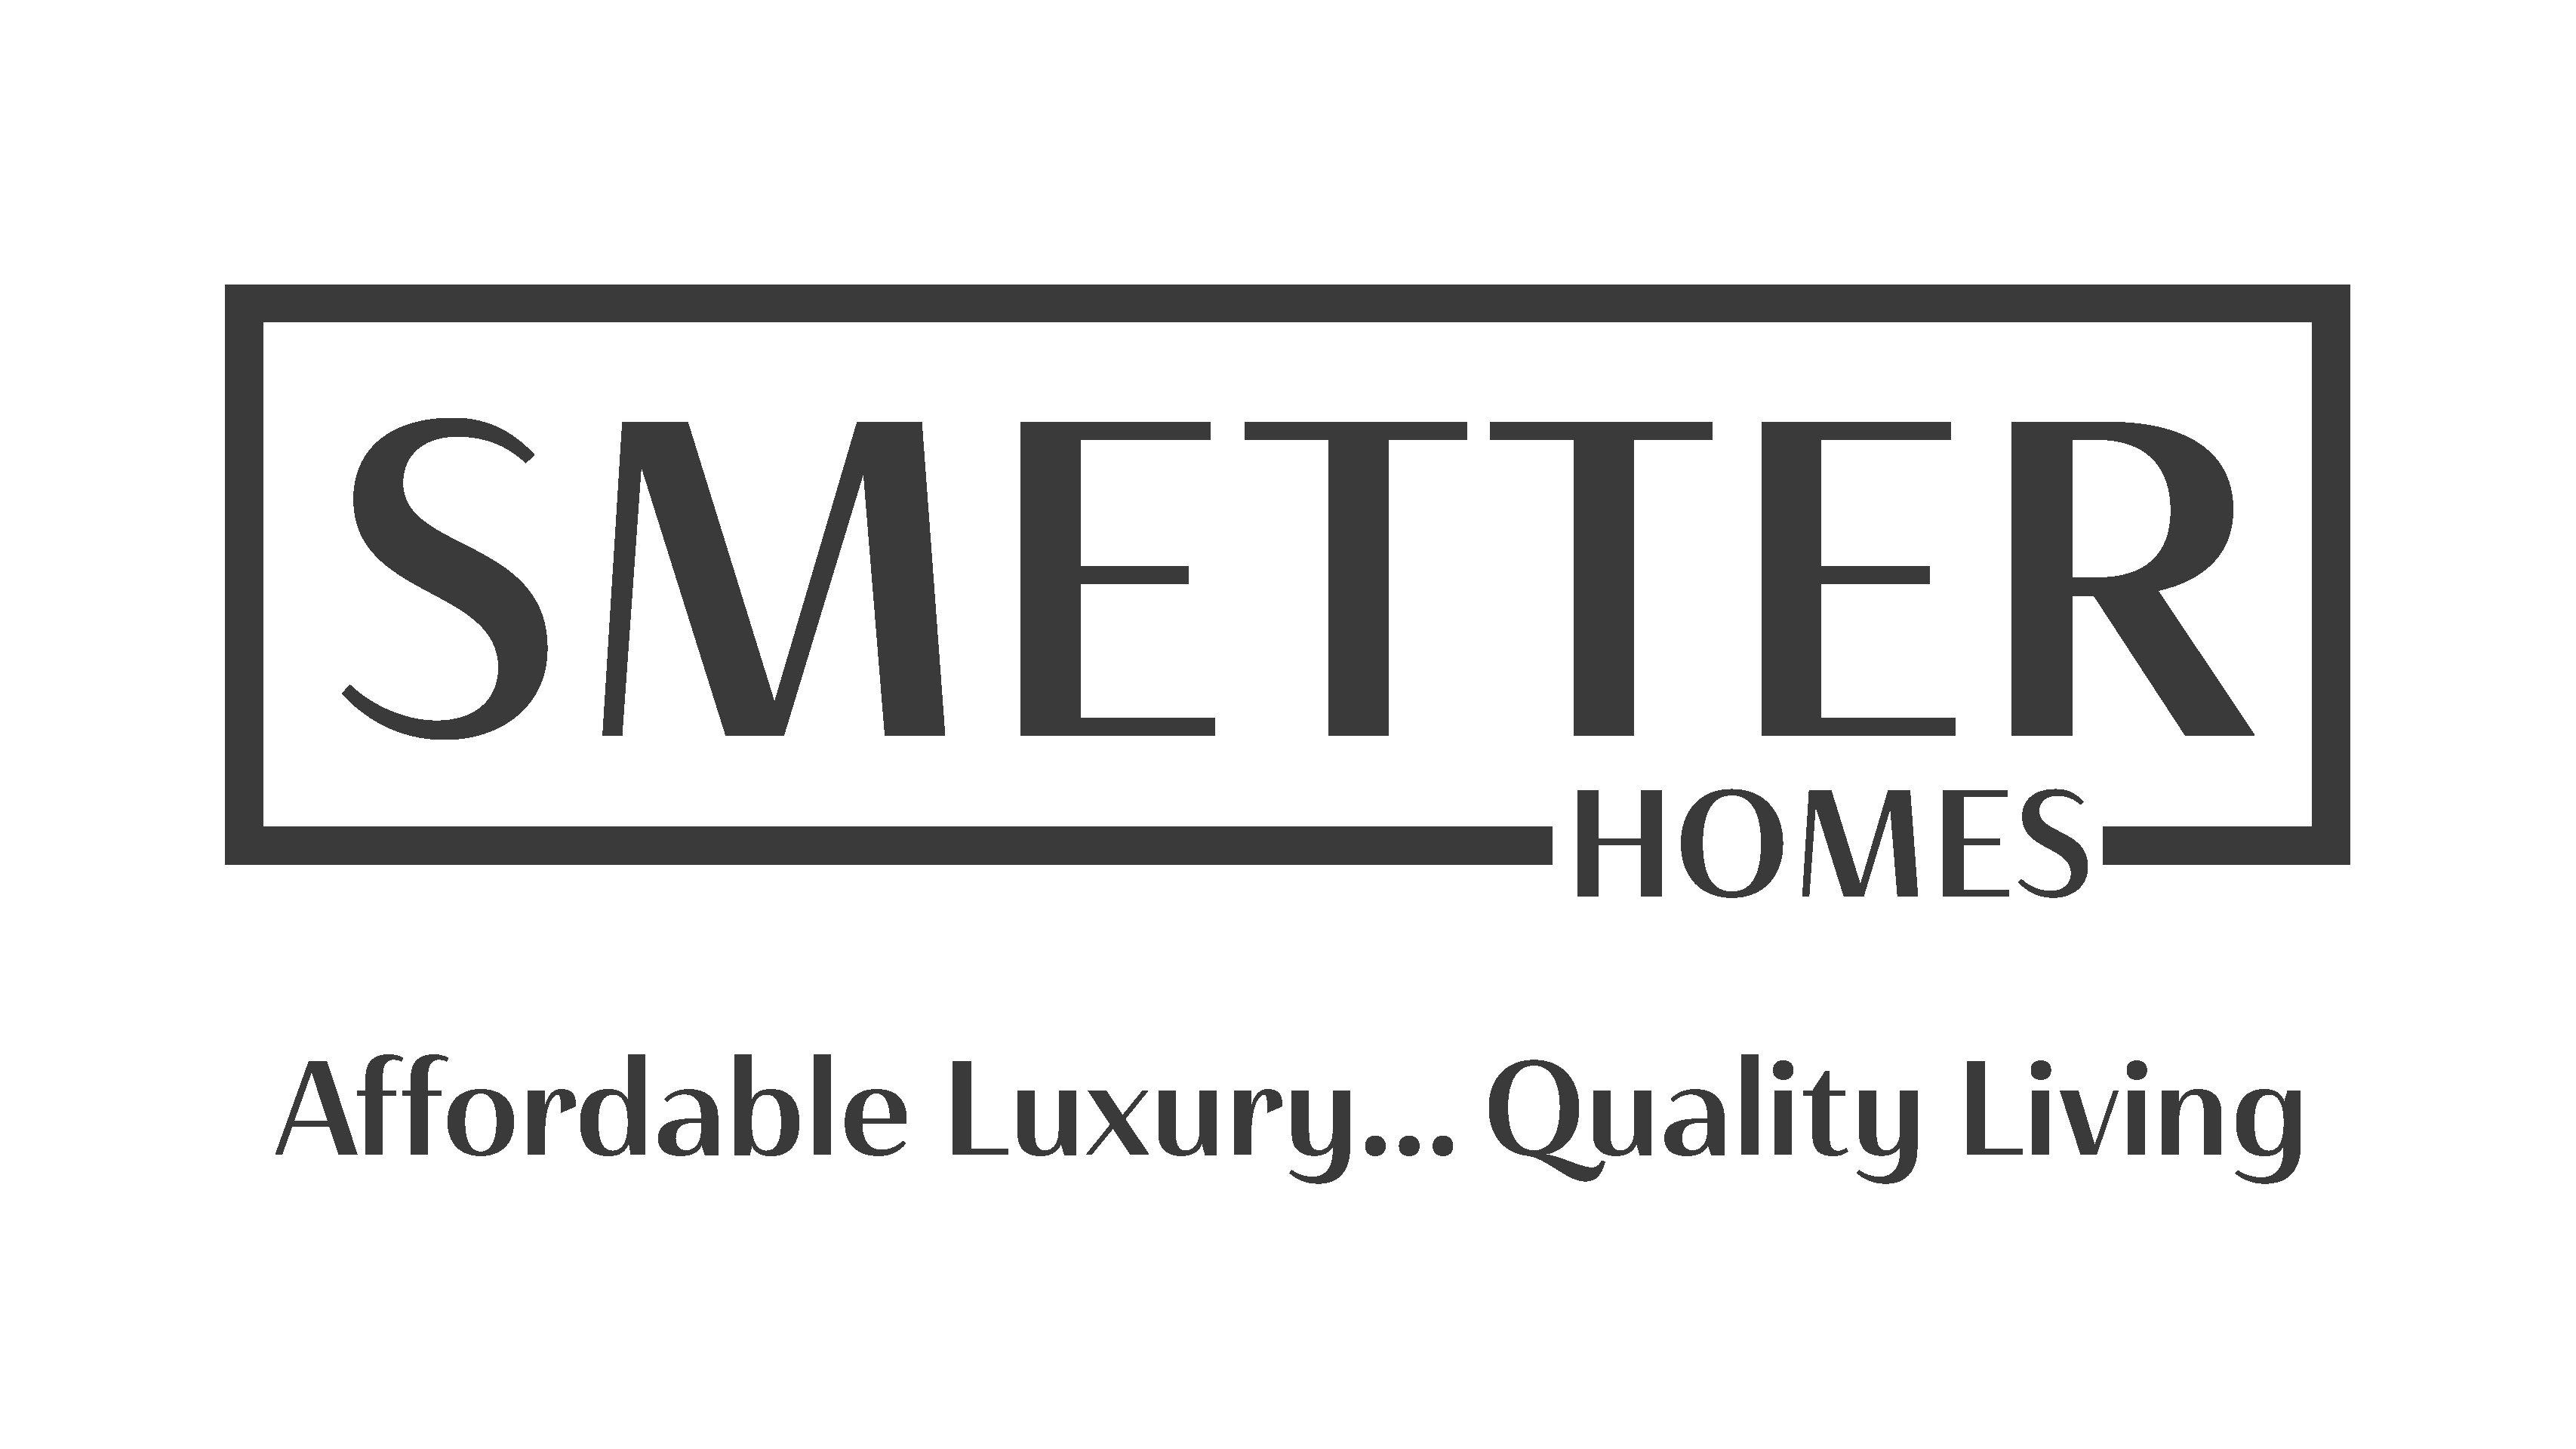 Smetter Custom Homes